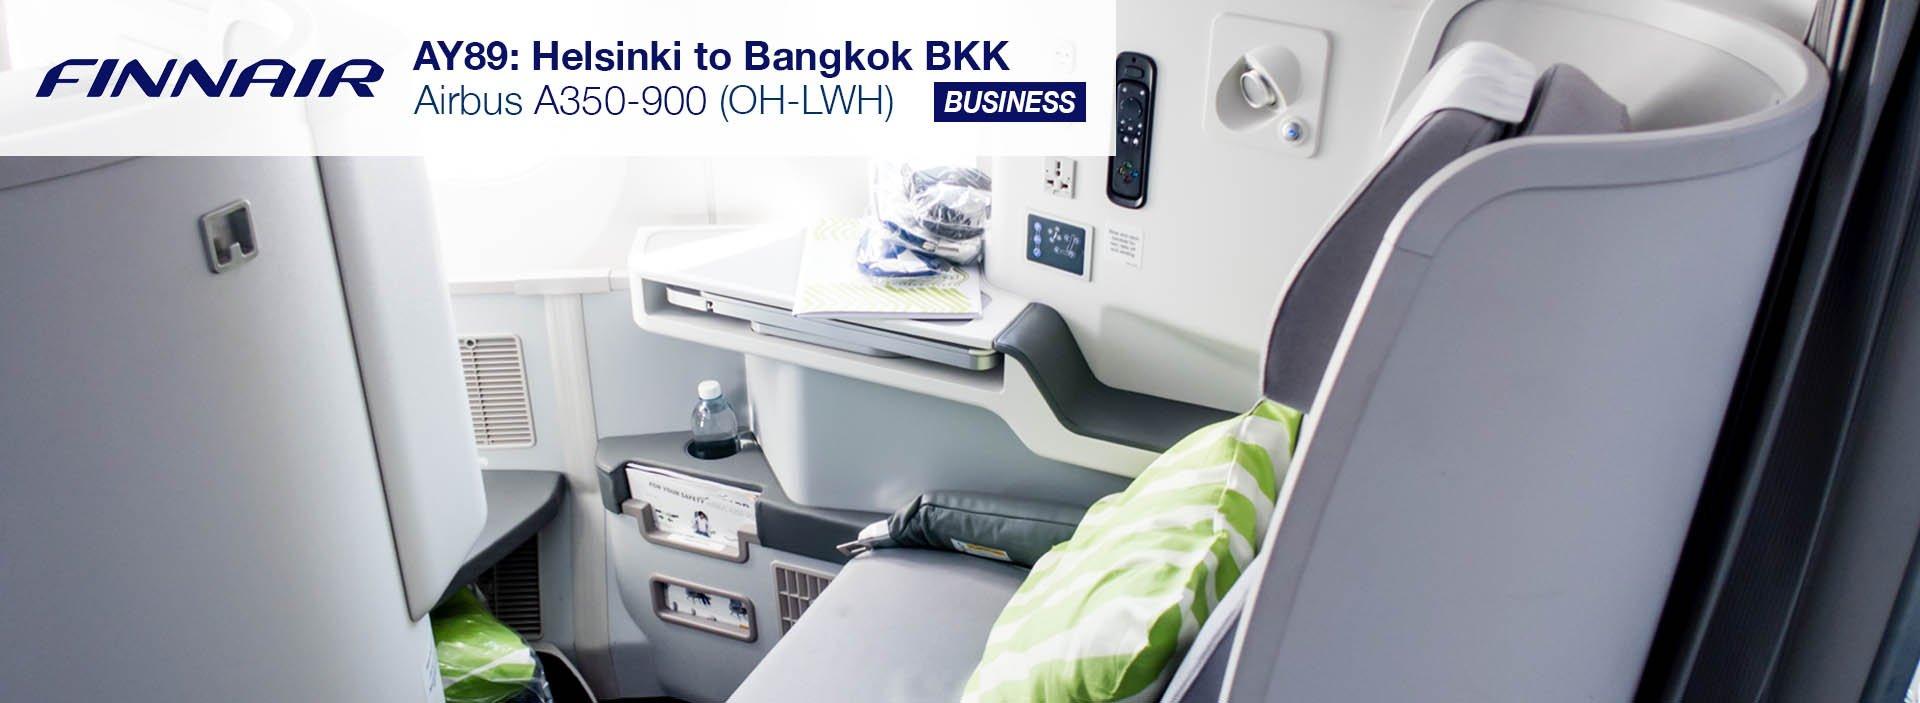 Finnair A350 Business Class Review (Helsinki to Bangkok)